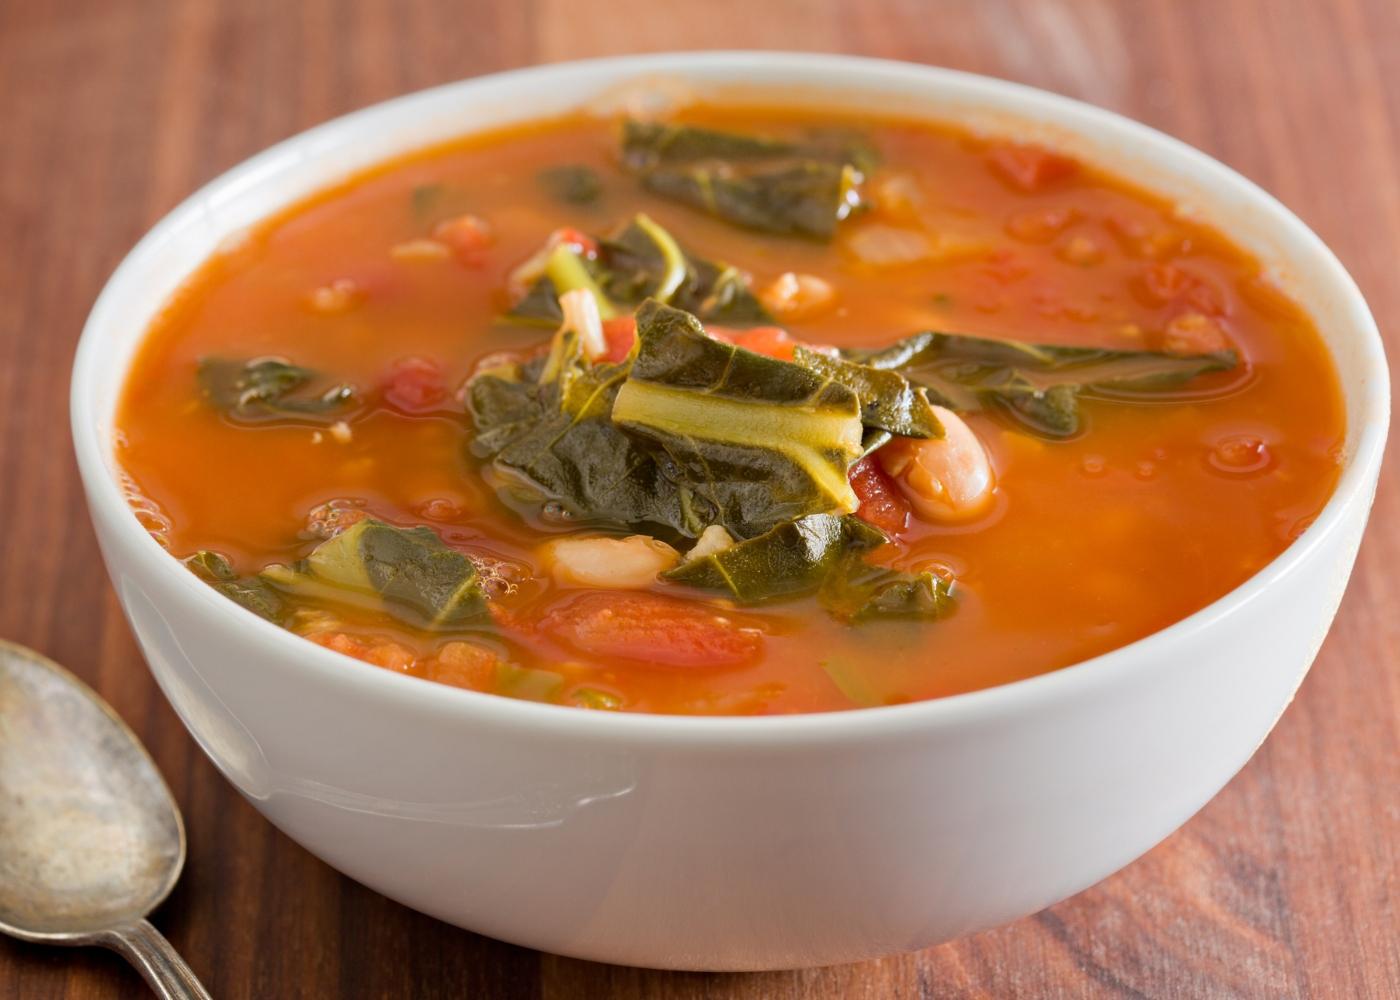 Sopa de feijão servida numa taça